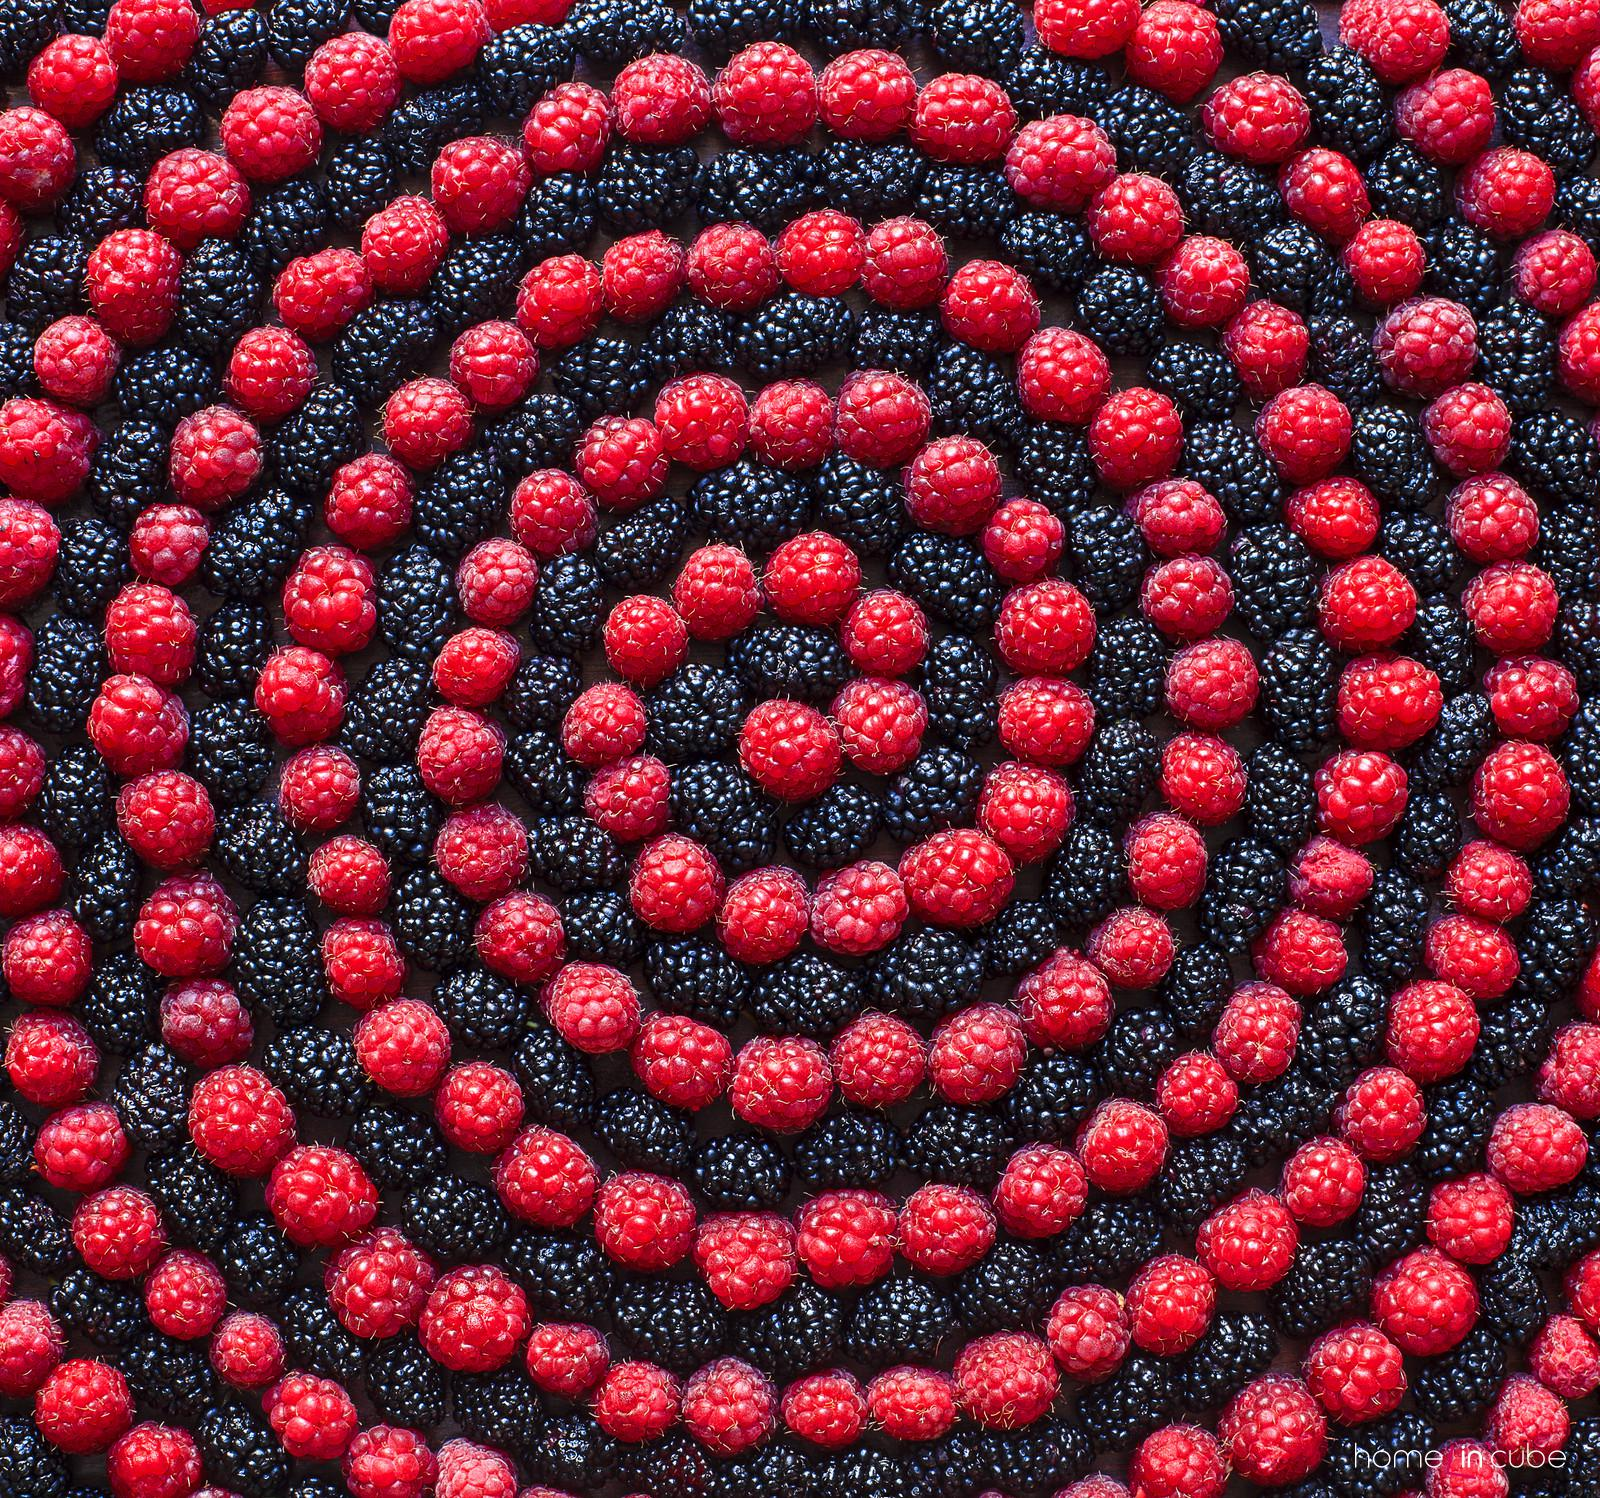 Barevné uspořádání šťavnatého ovoce je lákavé jak pro oči, tak také pro chuť.